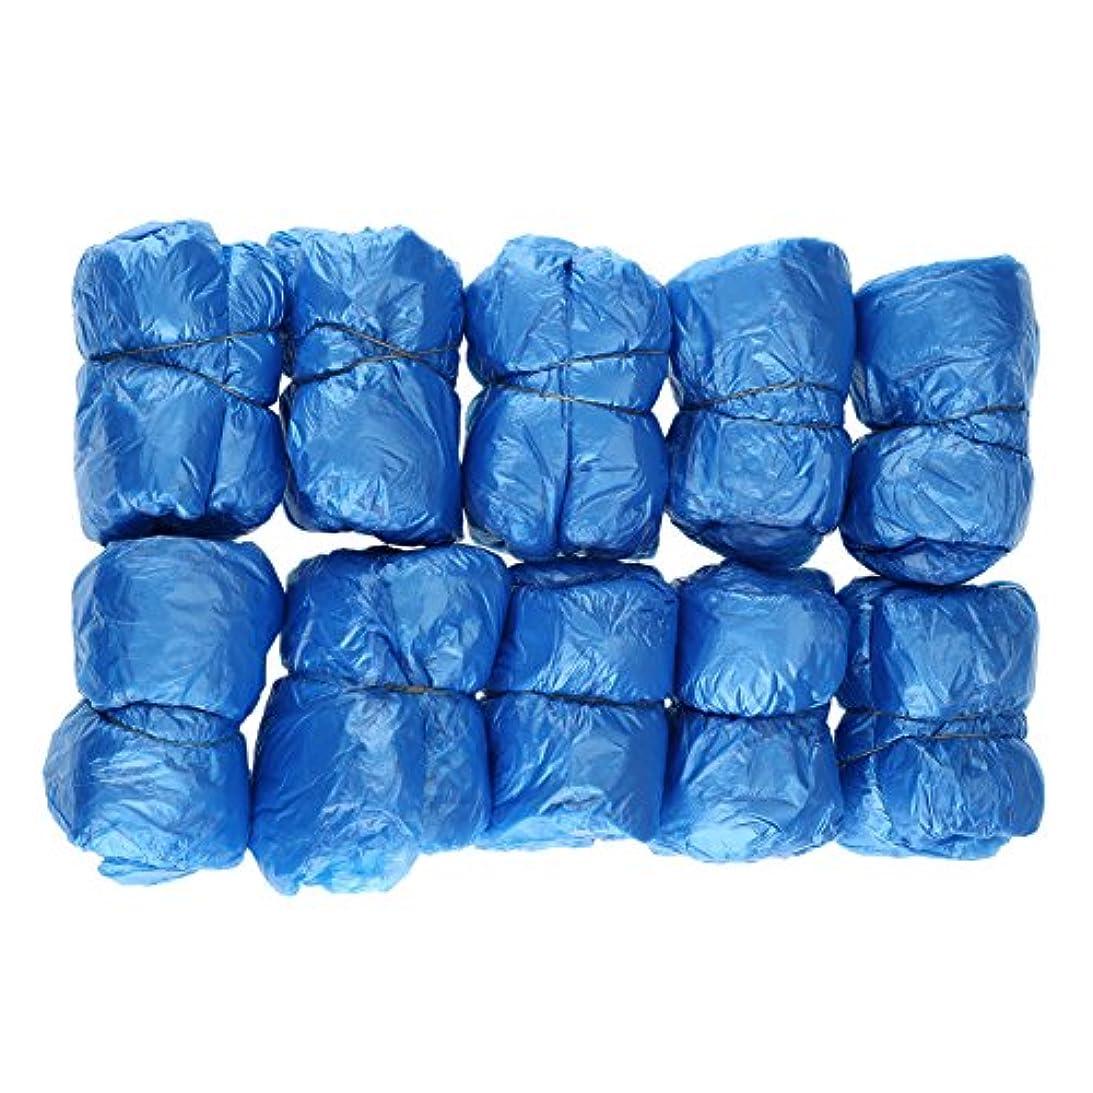 としてミネラル加害者100枚入 使い捨て靴カバー シューズカバー 靴カバー サイズフリー簡単 便利 衛生 家庭用品 ブルー